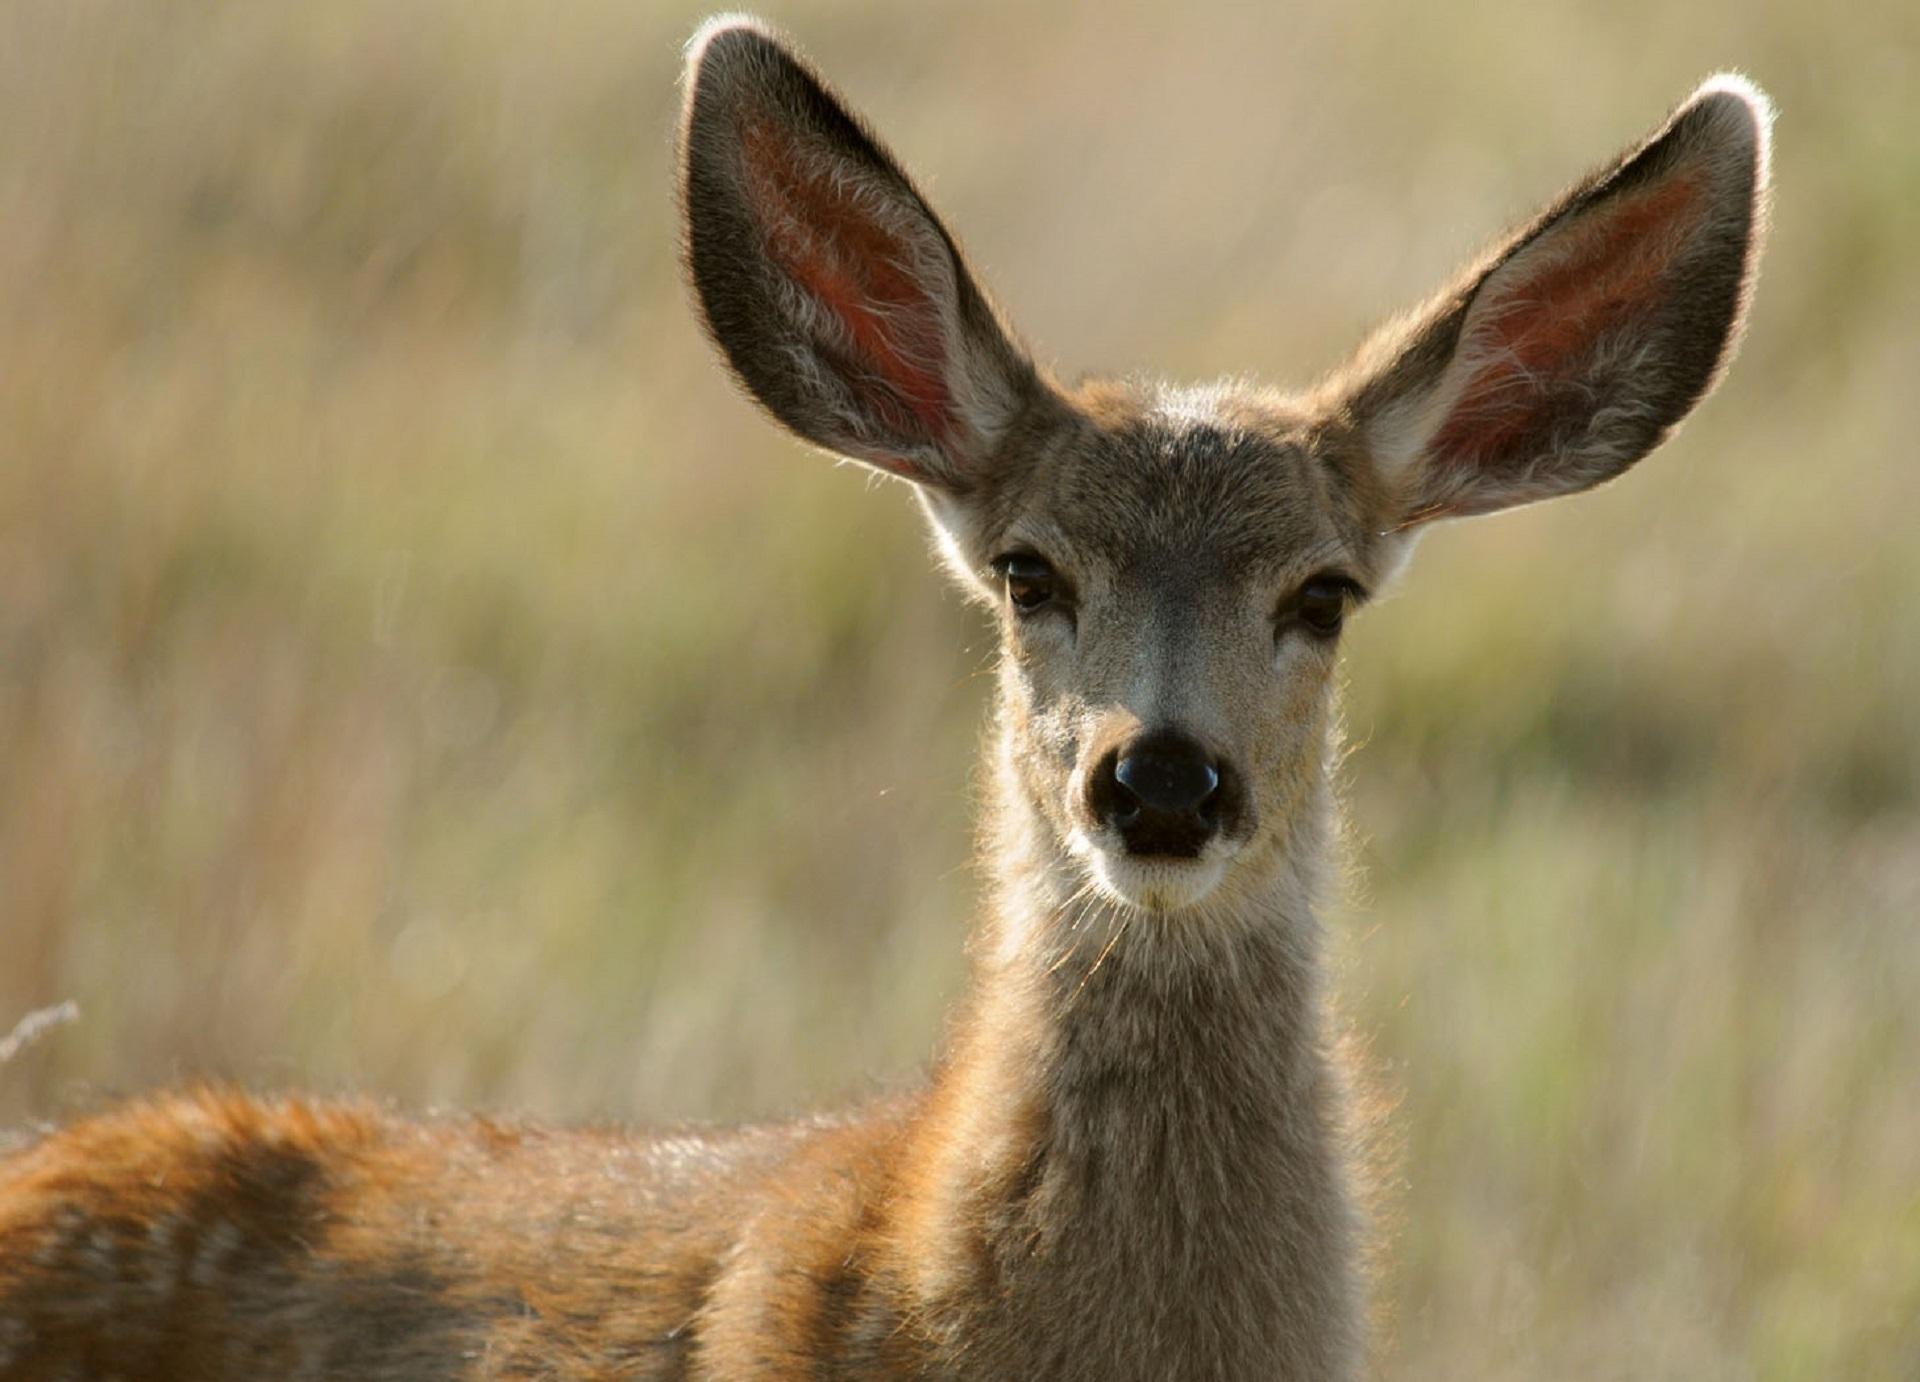 картинки животных лань статья представляет